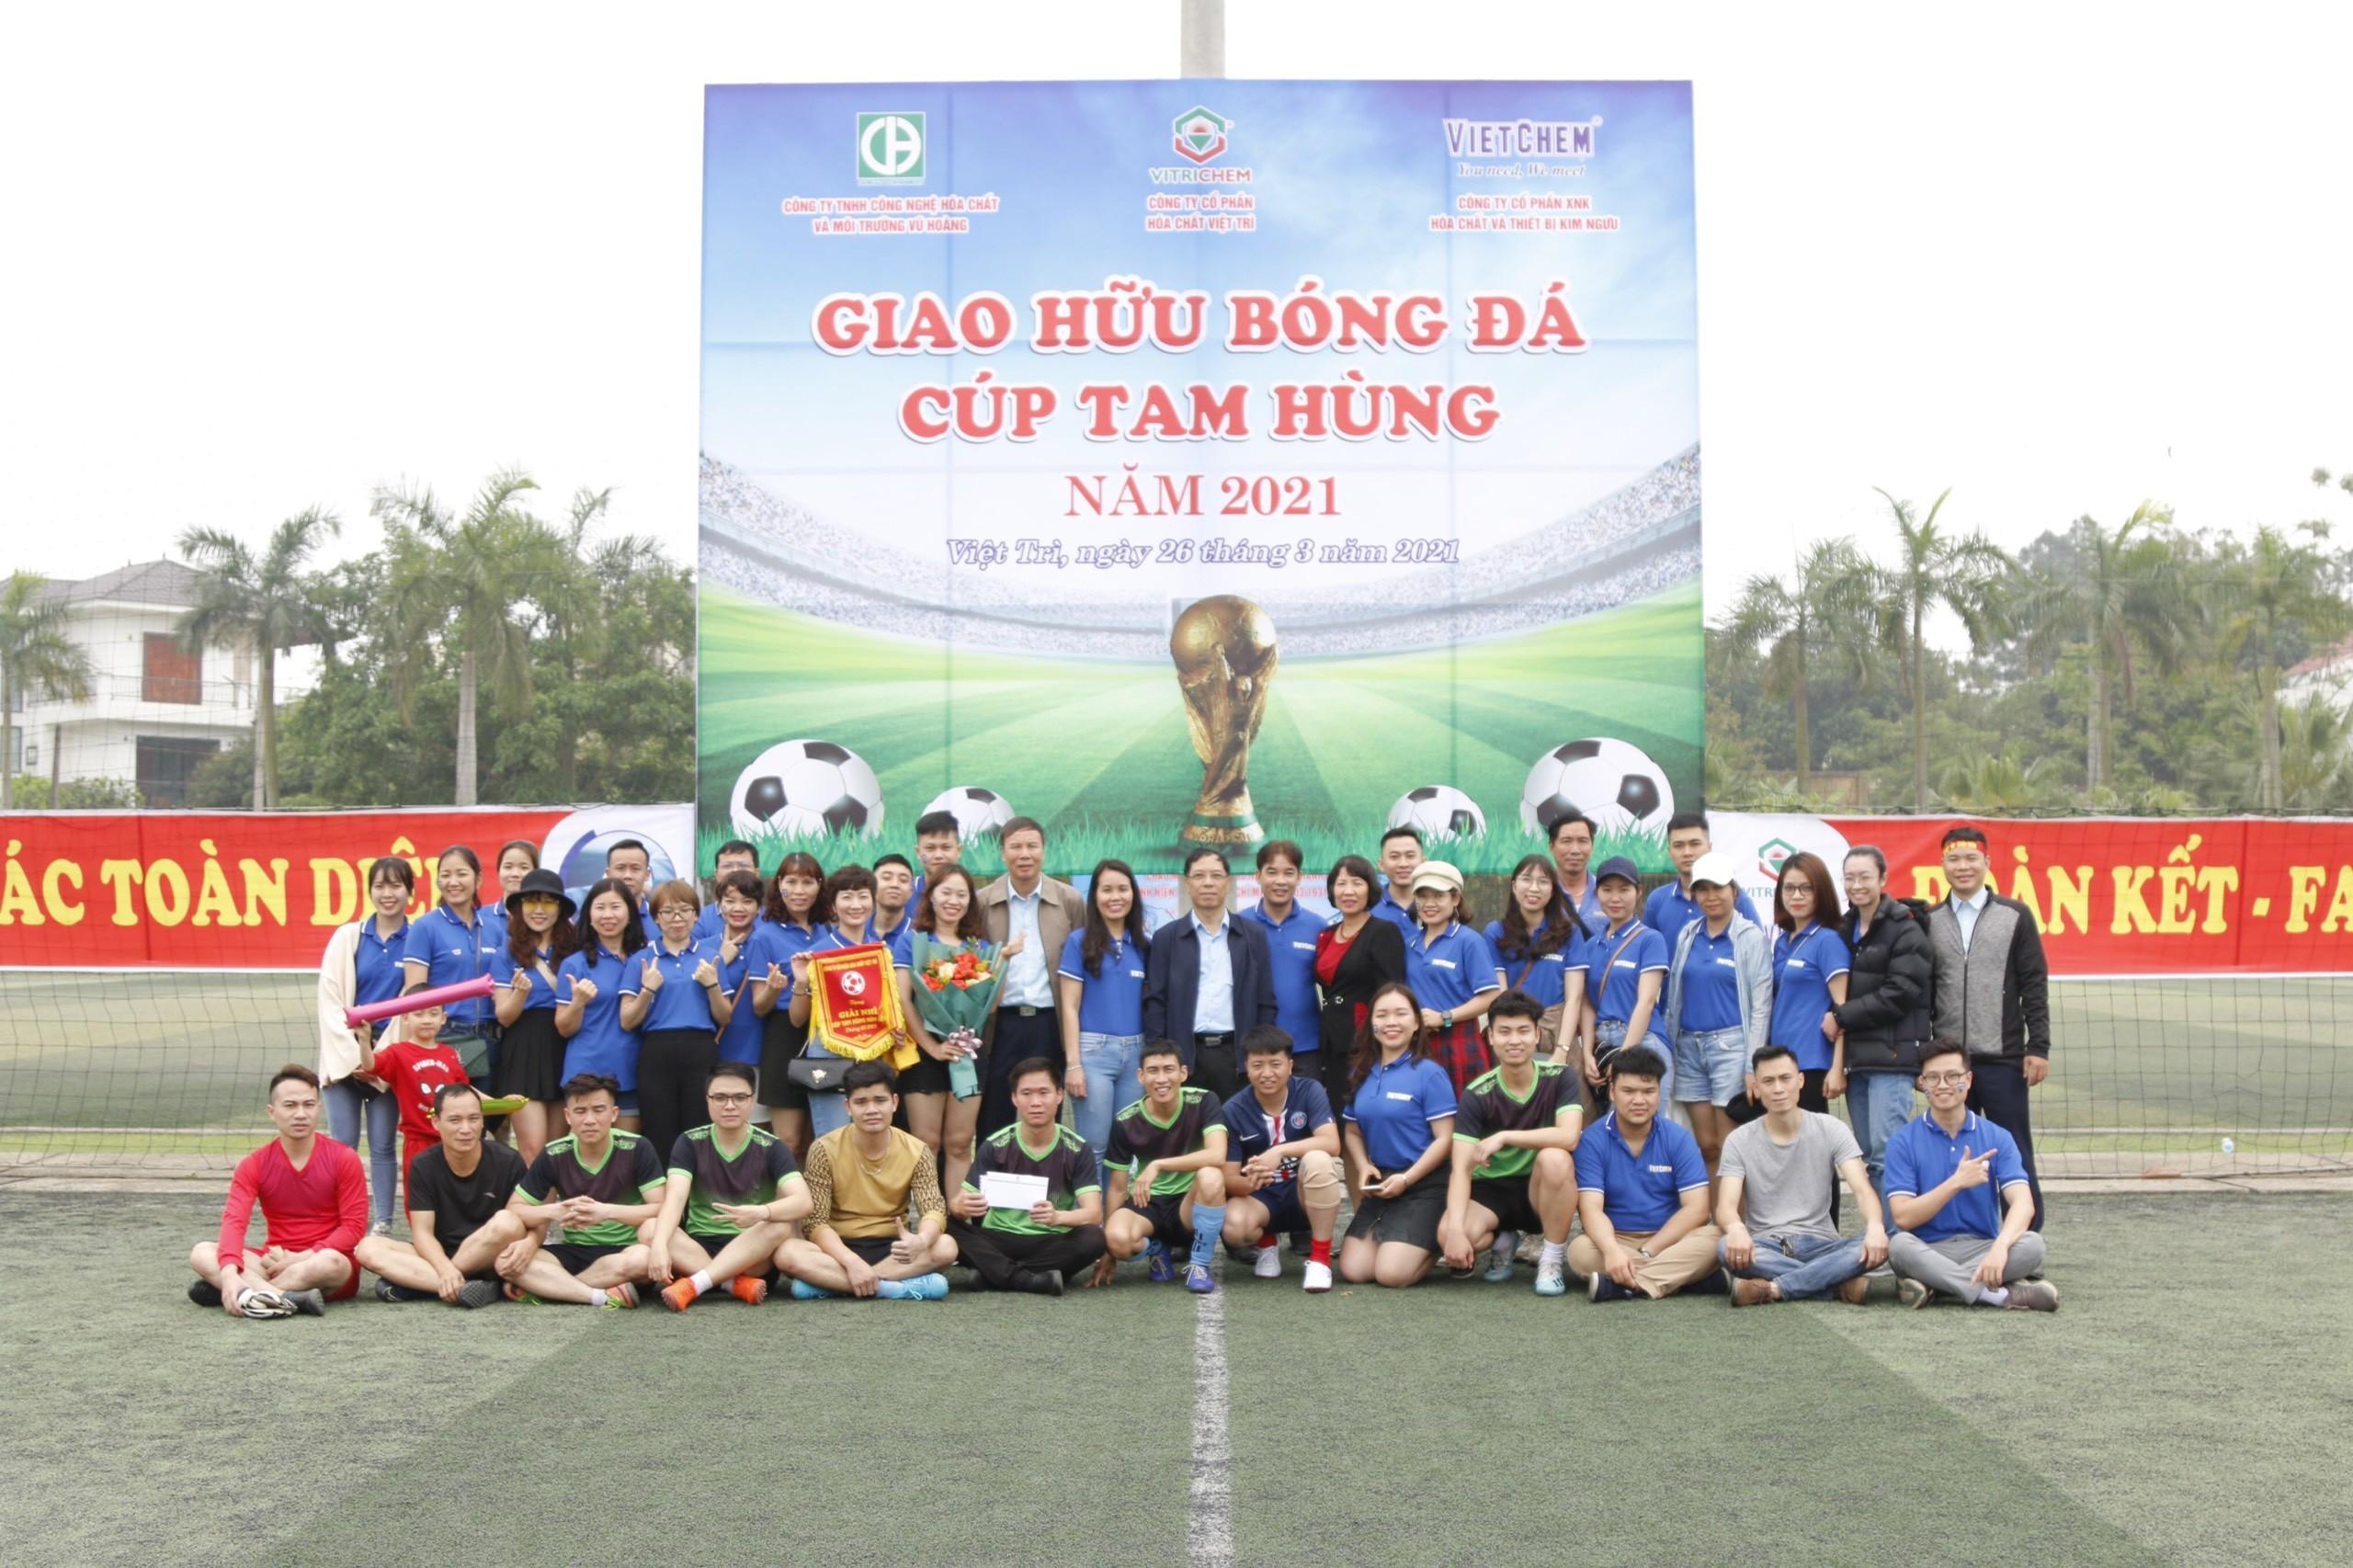 Giải bóng đá Tam Hùng 9